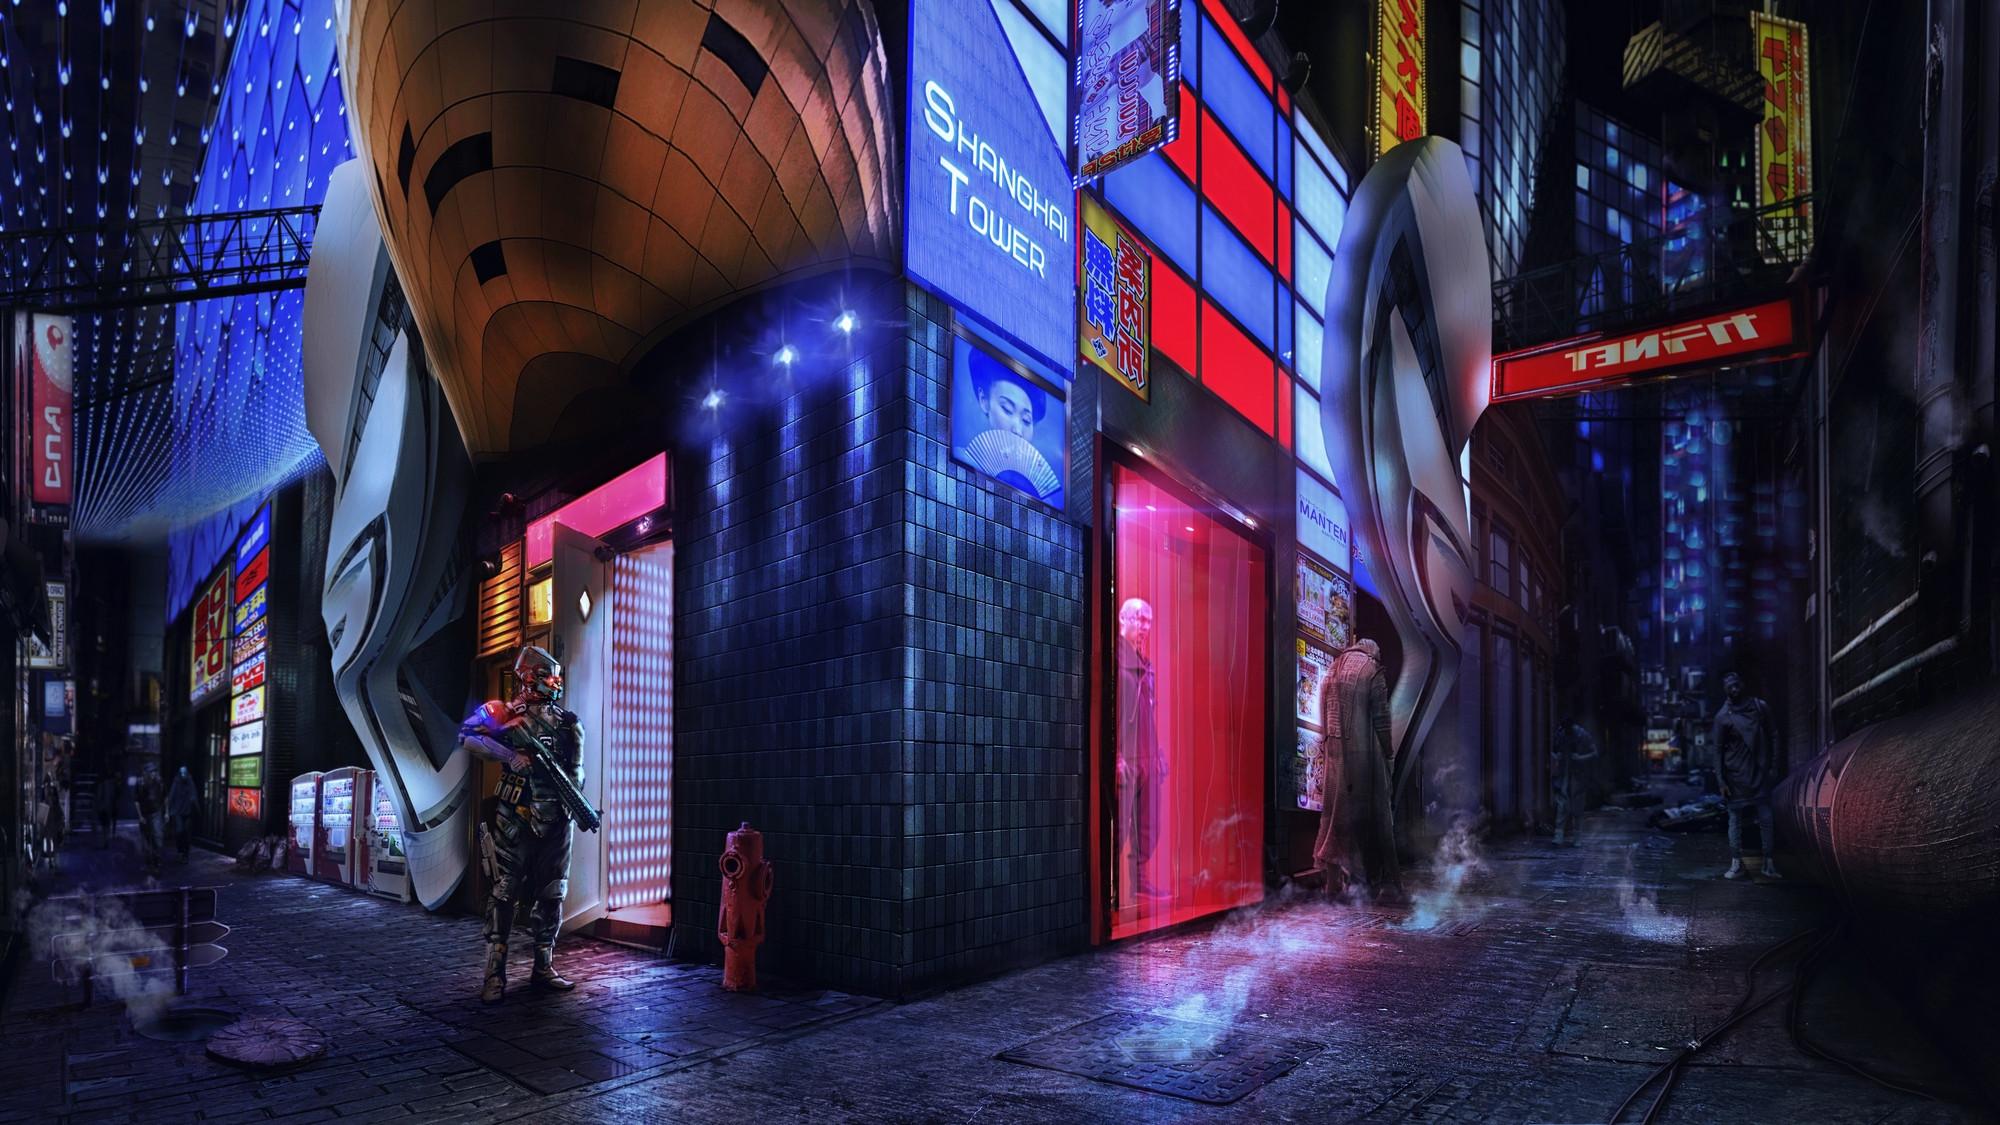 2D Shanghai 2020: Tower